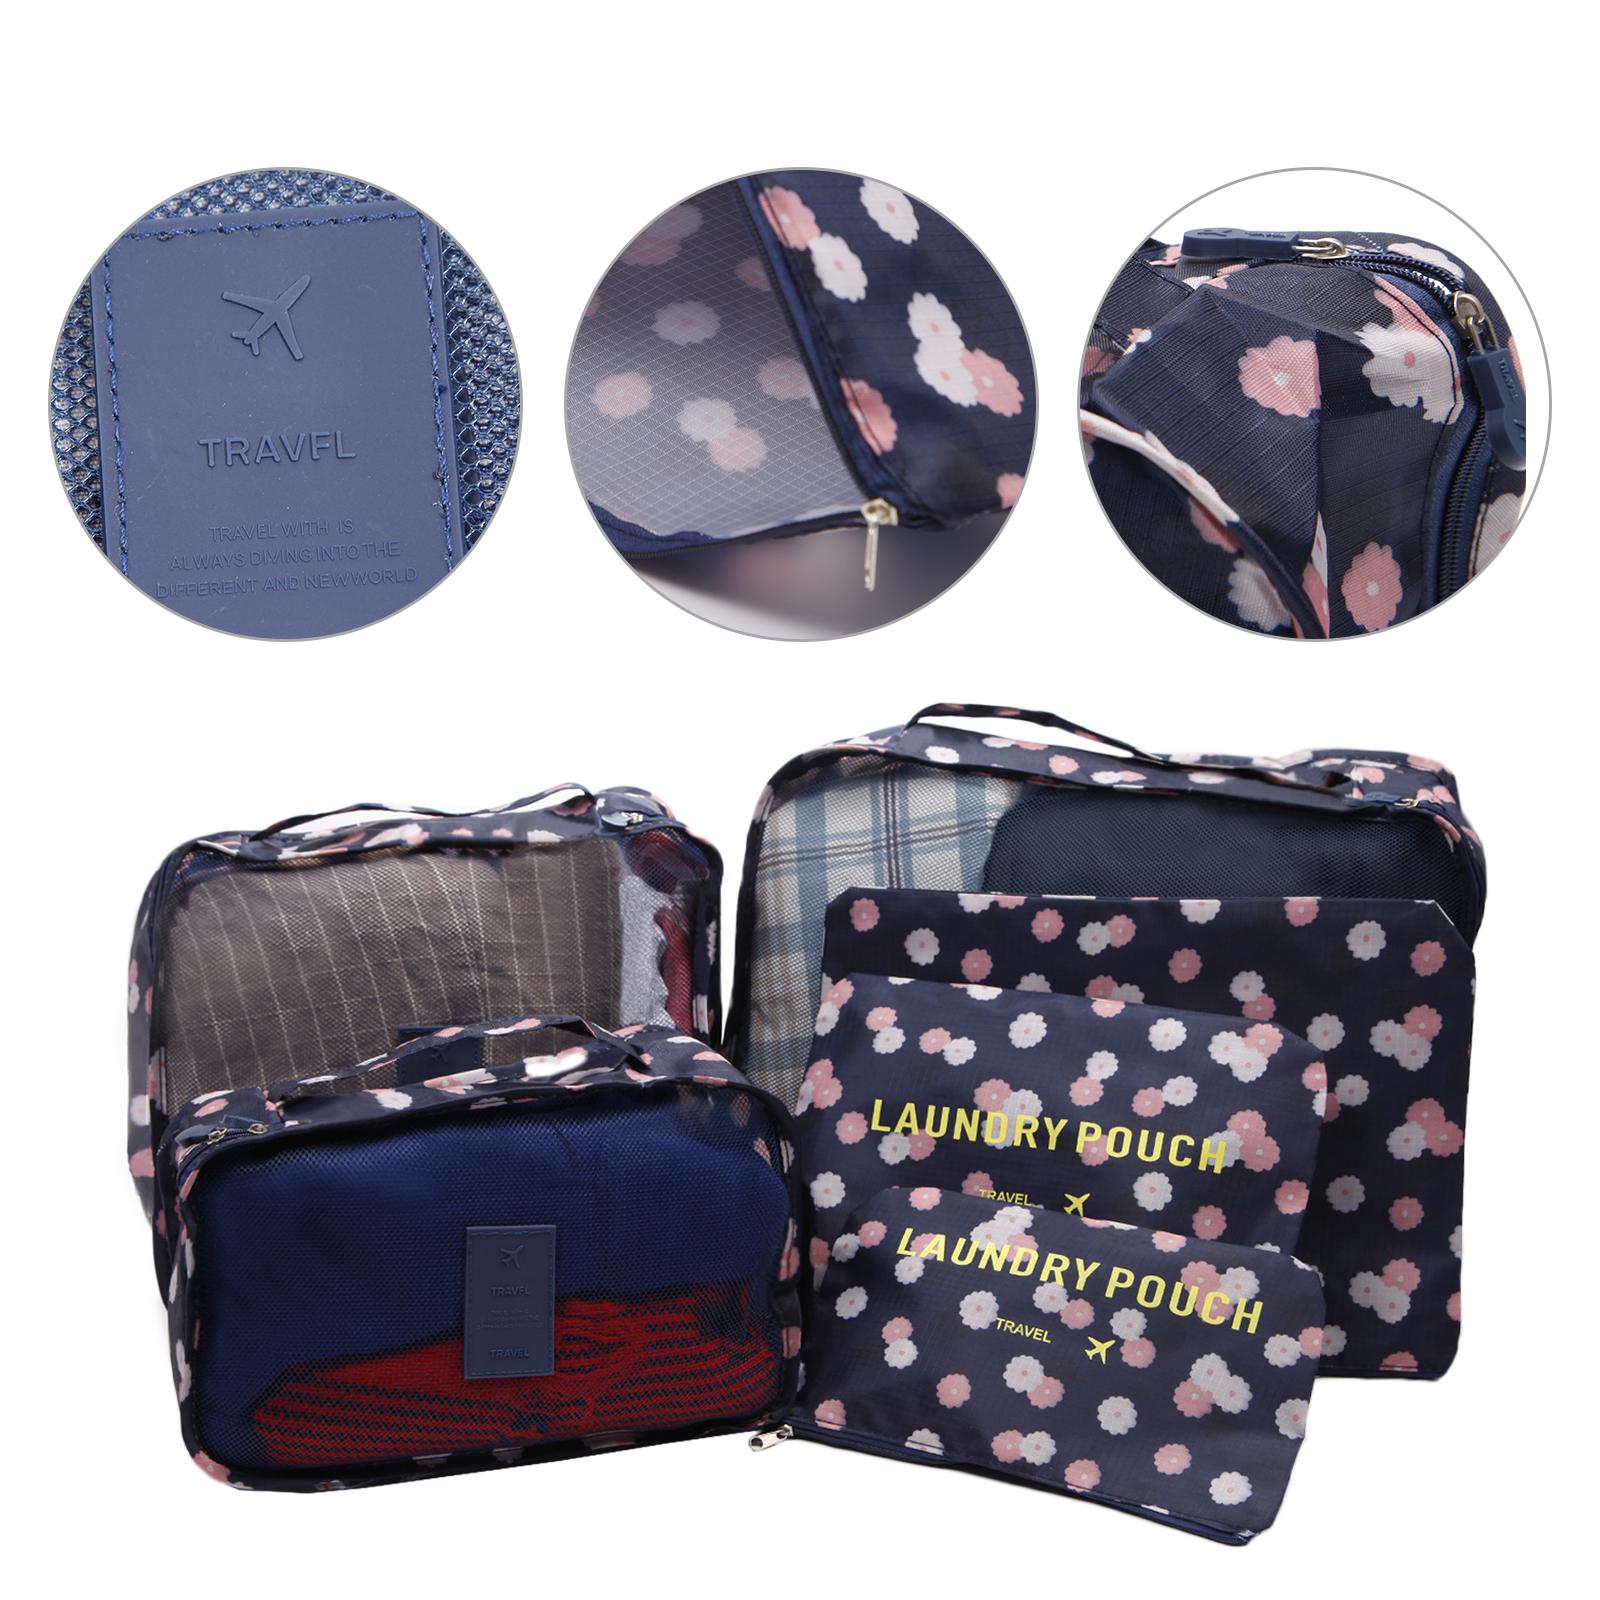 6Pcs Borsa da Viaggio Bagaglio Organizzatore orgniser Biancheria Intima Calze Imballaggio Cube storage